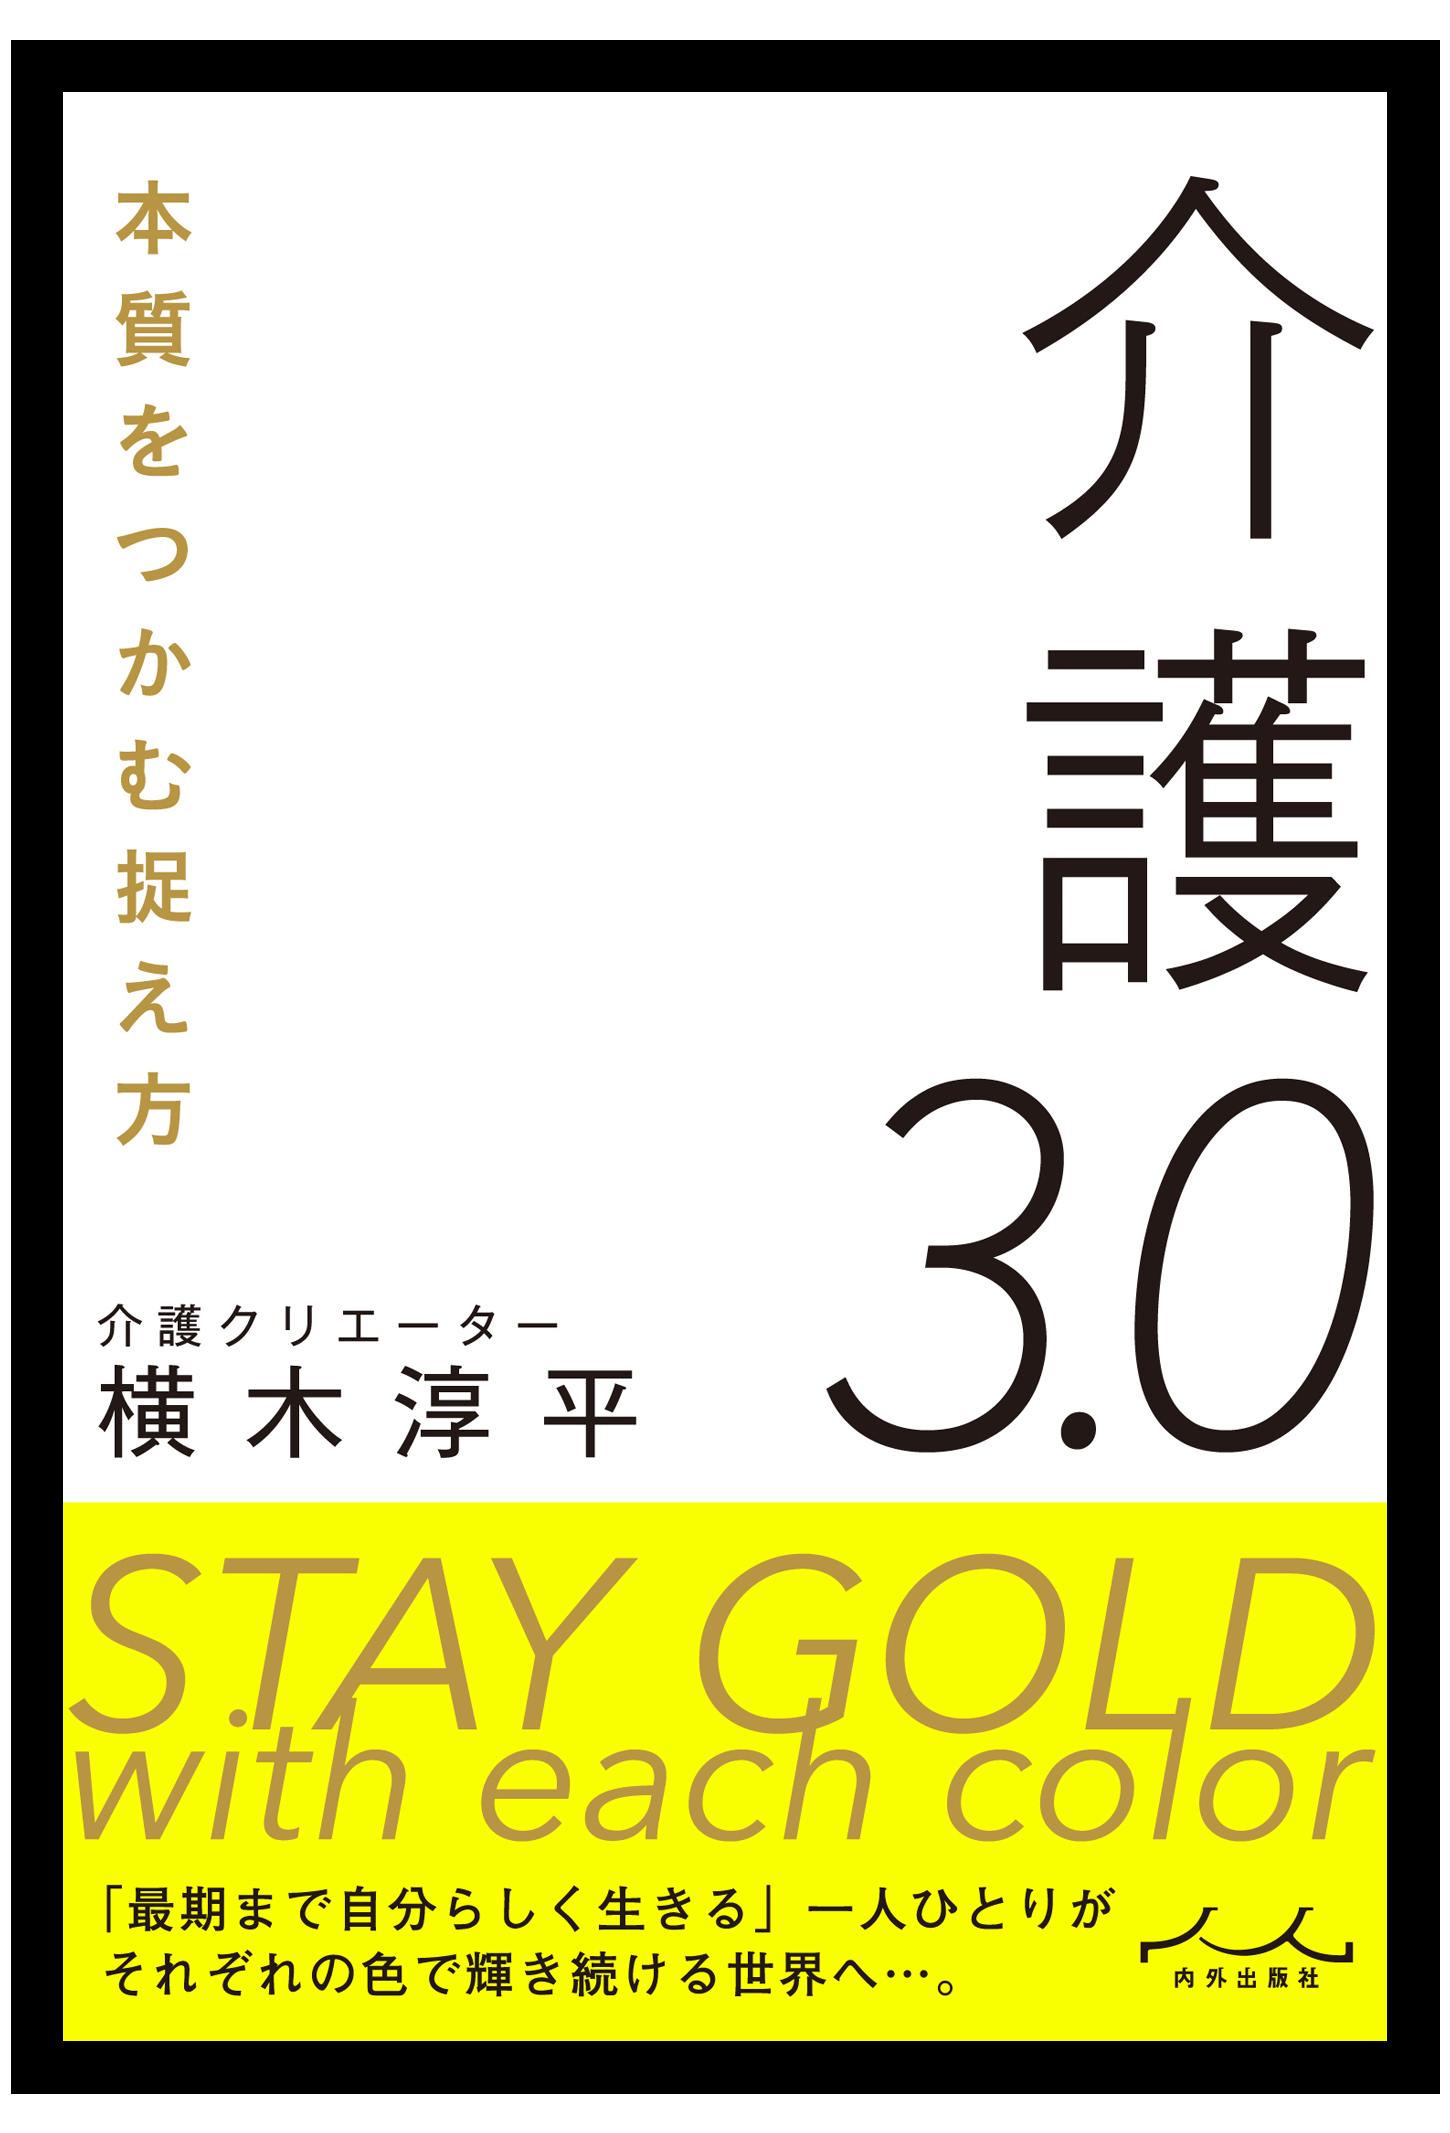 介護3.0書籍